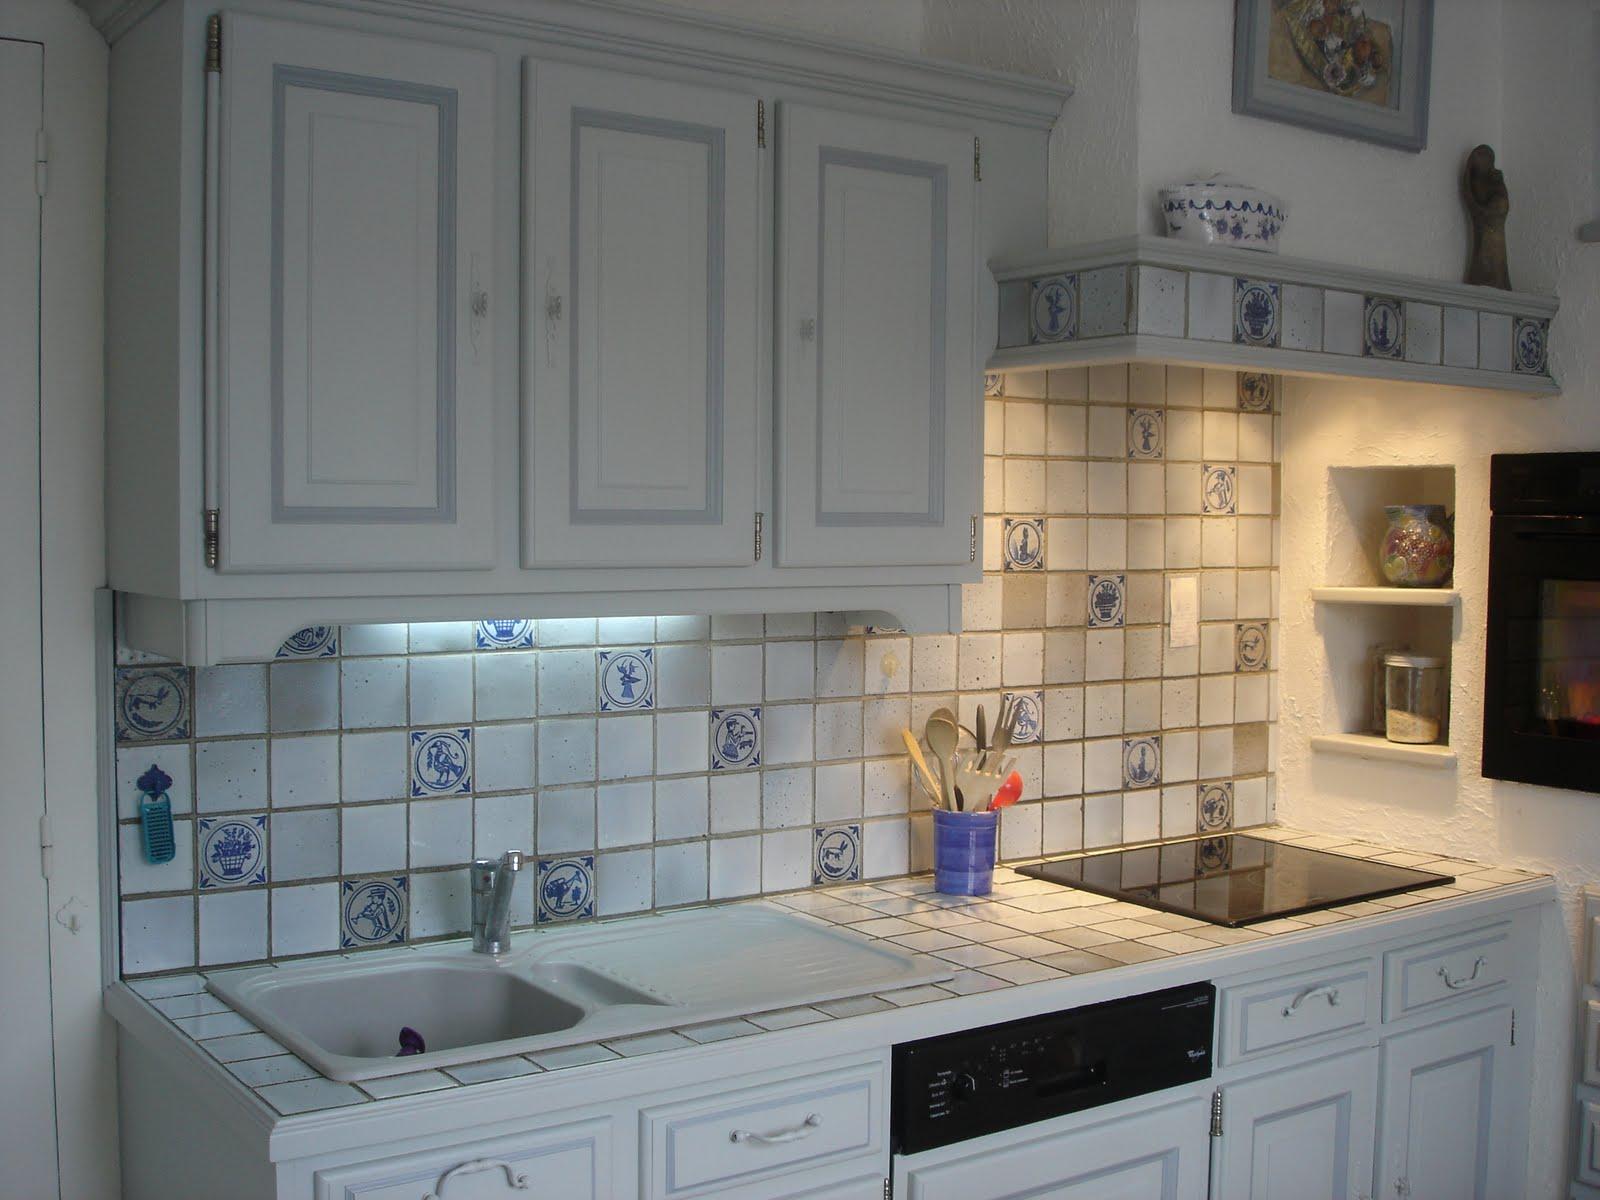 l 39 atelier d 39 amatxi relooking cuisine. Black Bedroom Furniture Sets. Home Design Ideas